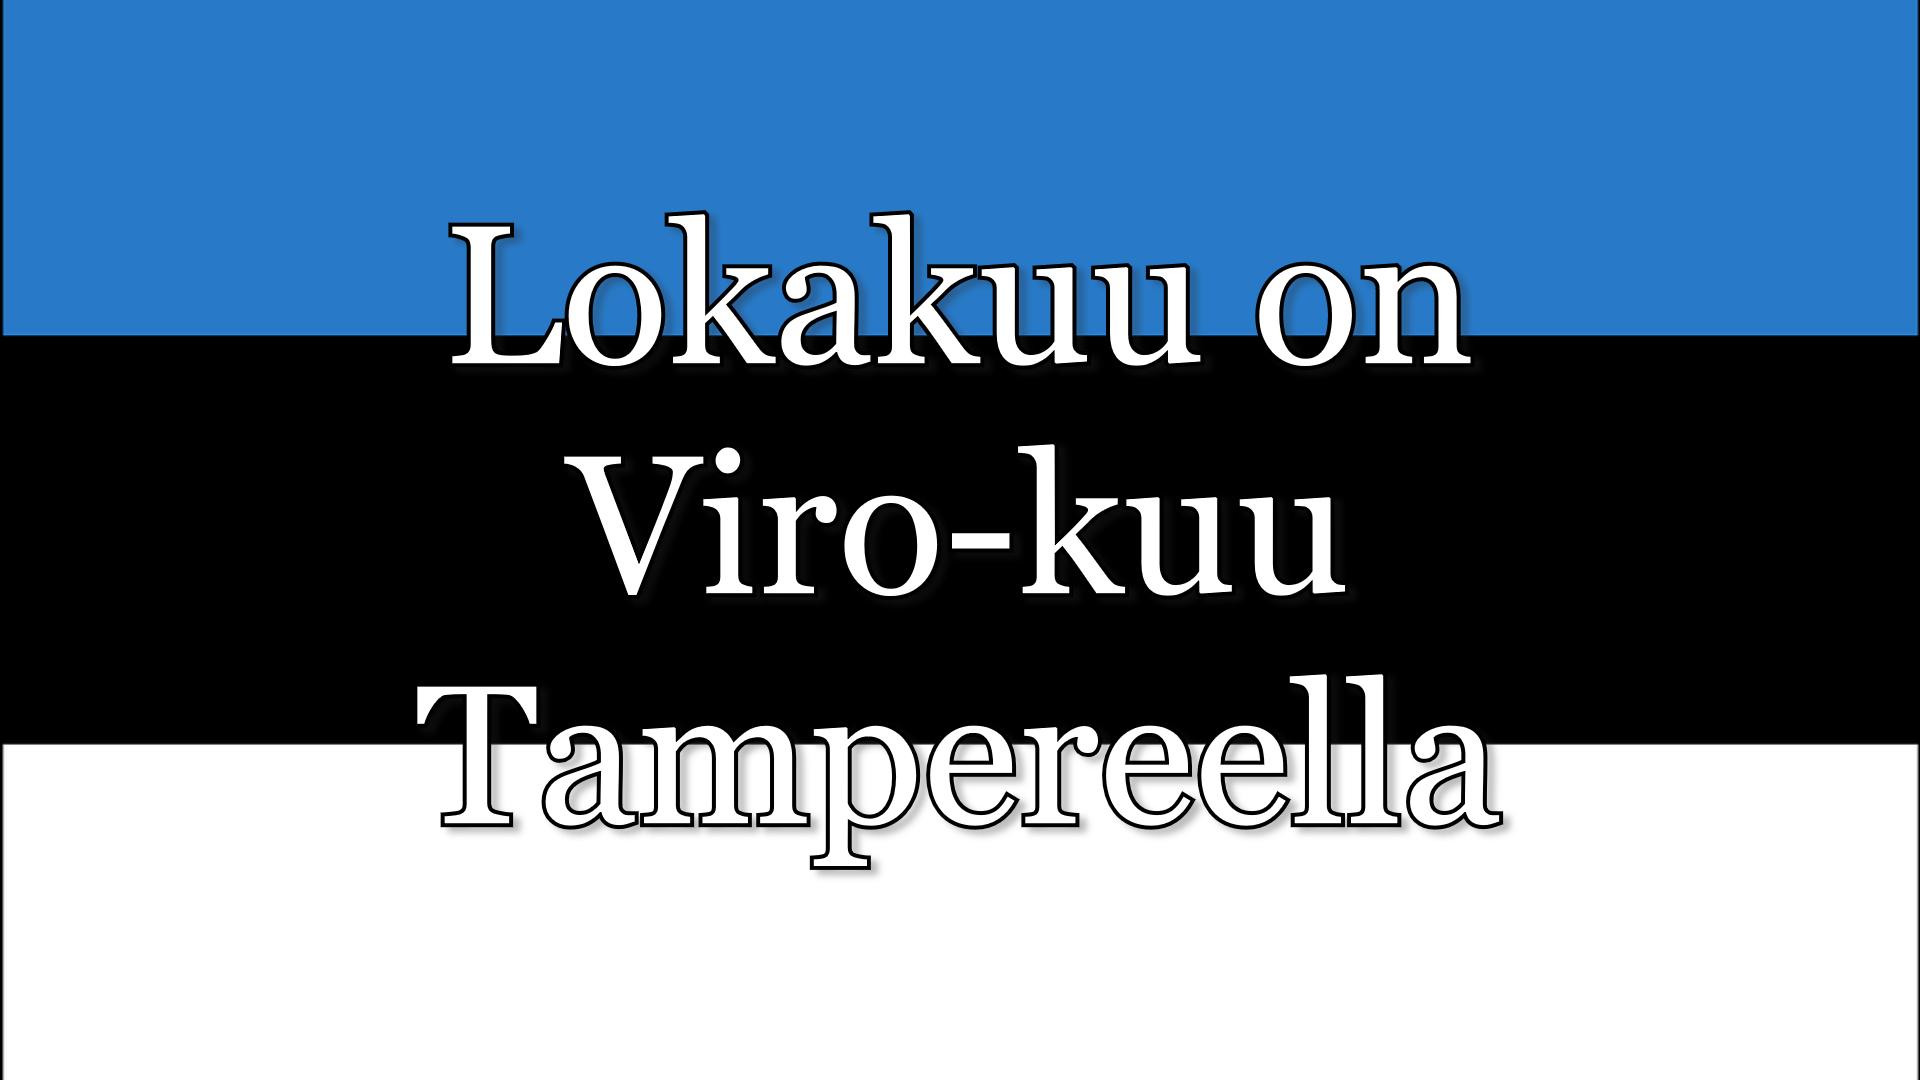 Lokakuu on Viro-kuu Tampereella: elokuva Torjutut muistot